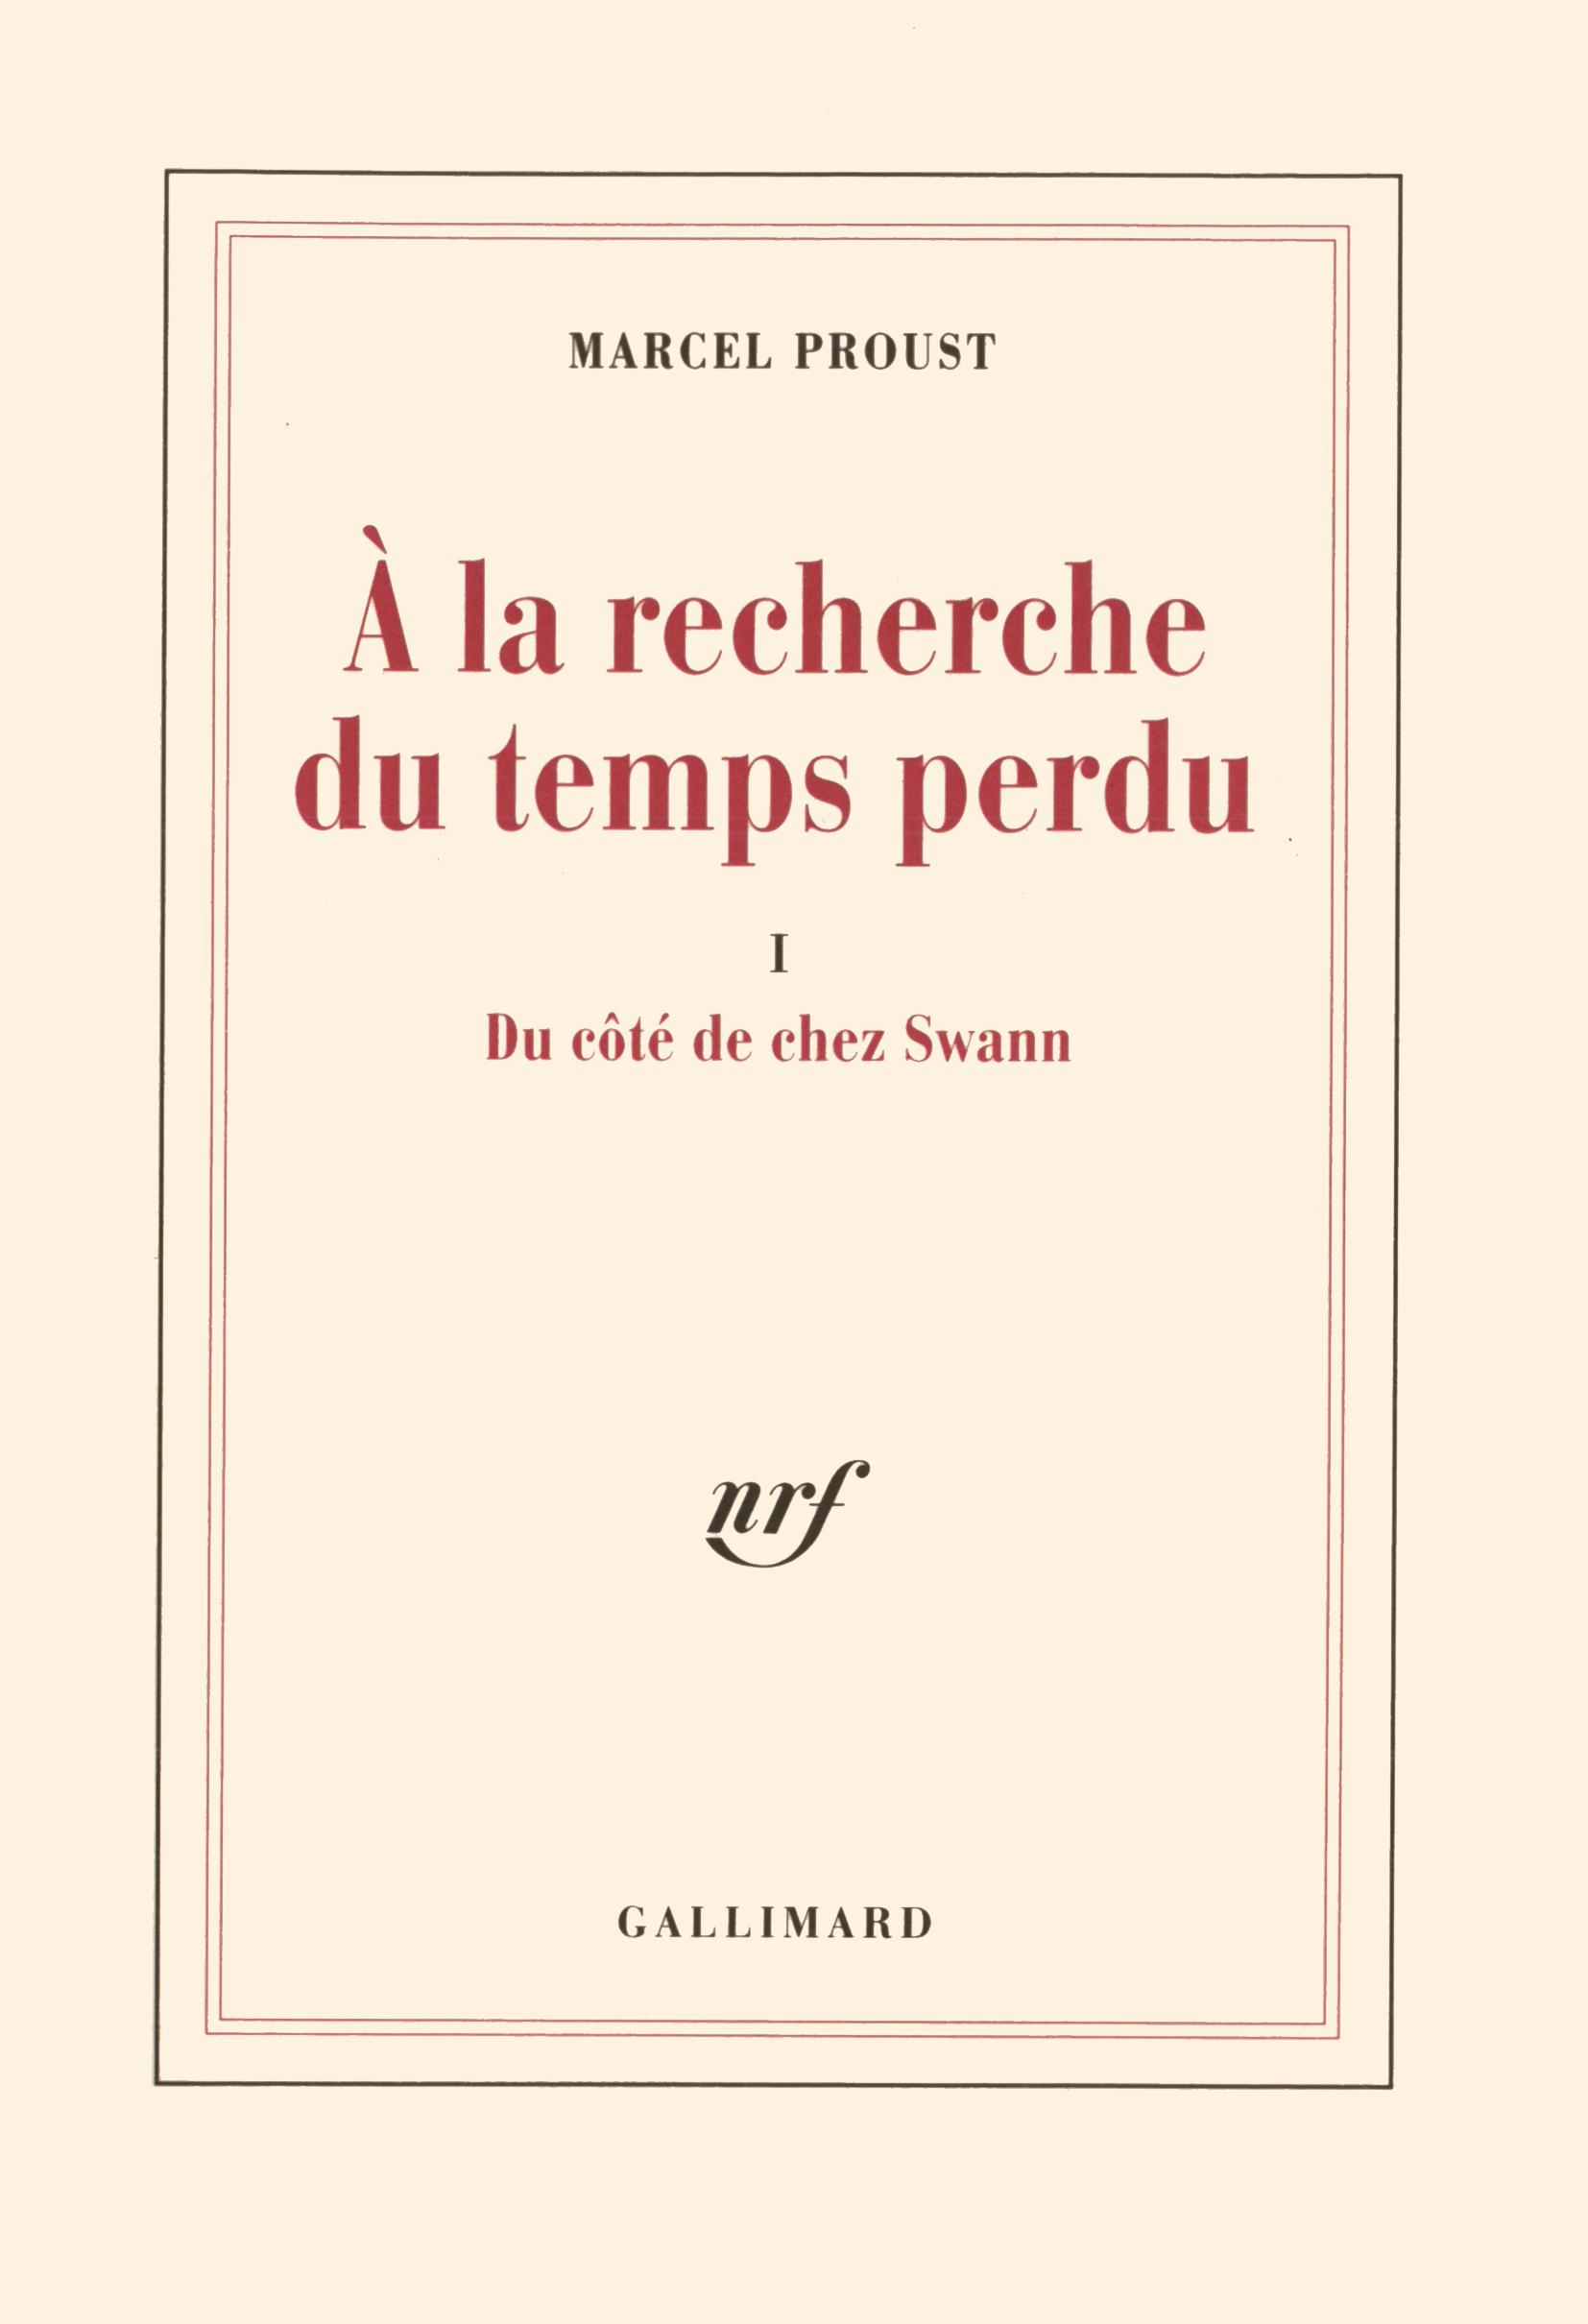 Du Cote De Chez Swann Blanche Gallimard Site Gallimard